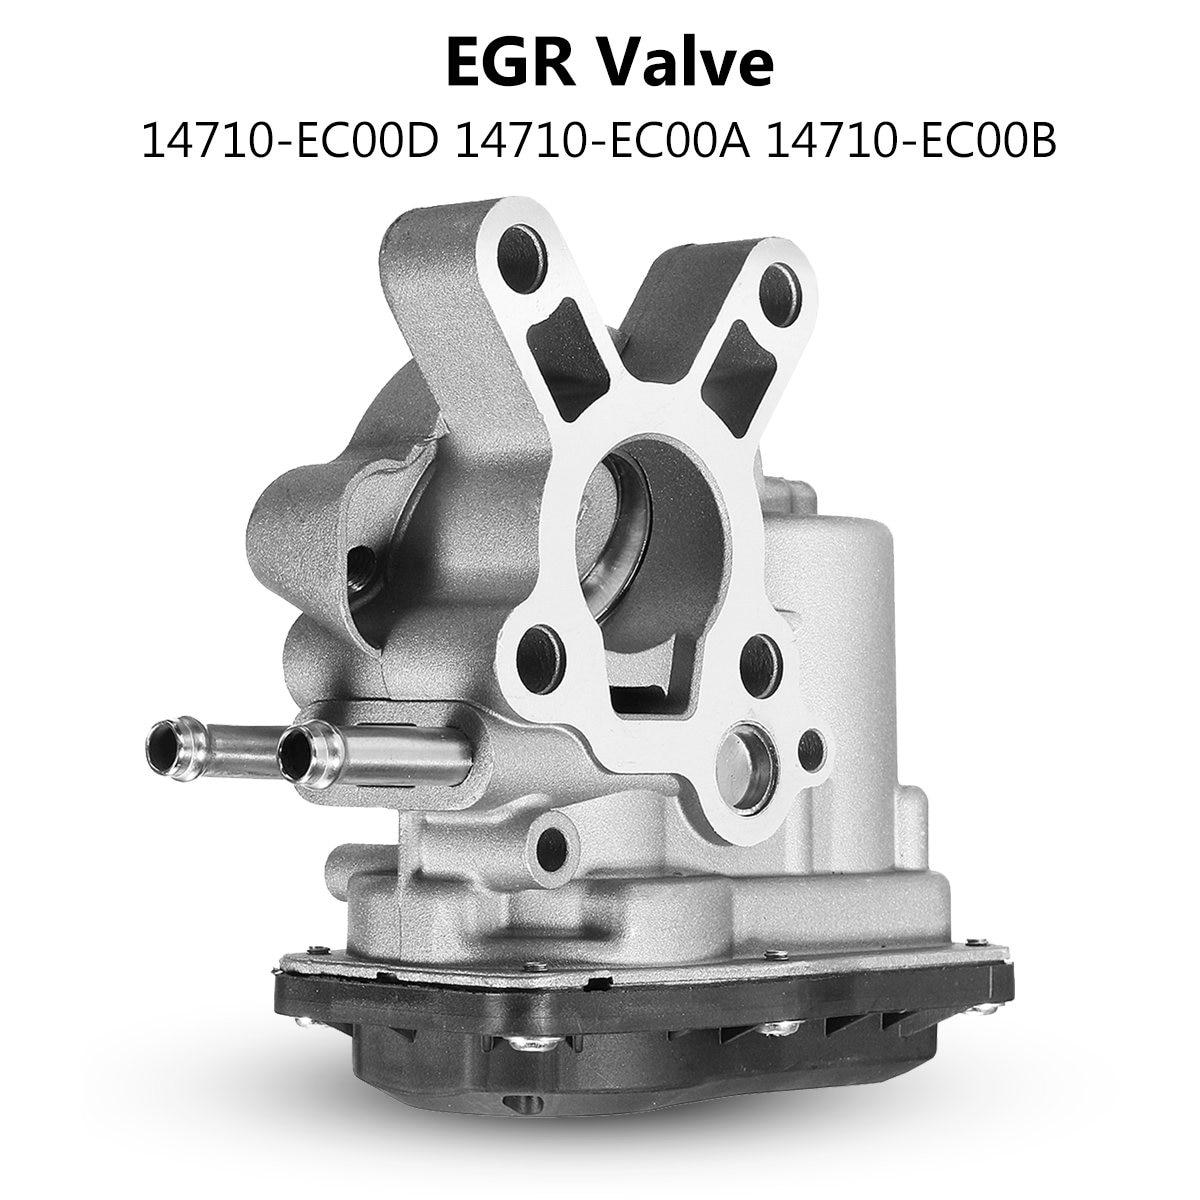 Vanne egr Yd25 Dci Pour Nissan D40 Navara et R51 Pathfinder 14710EC00B 14710EC00D 14710-EC00A